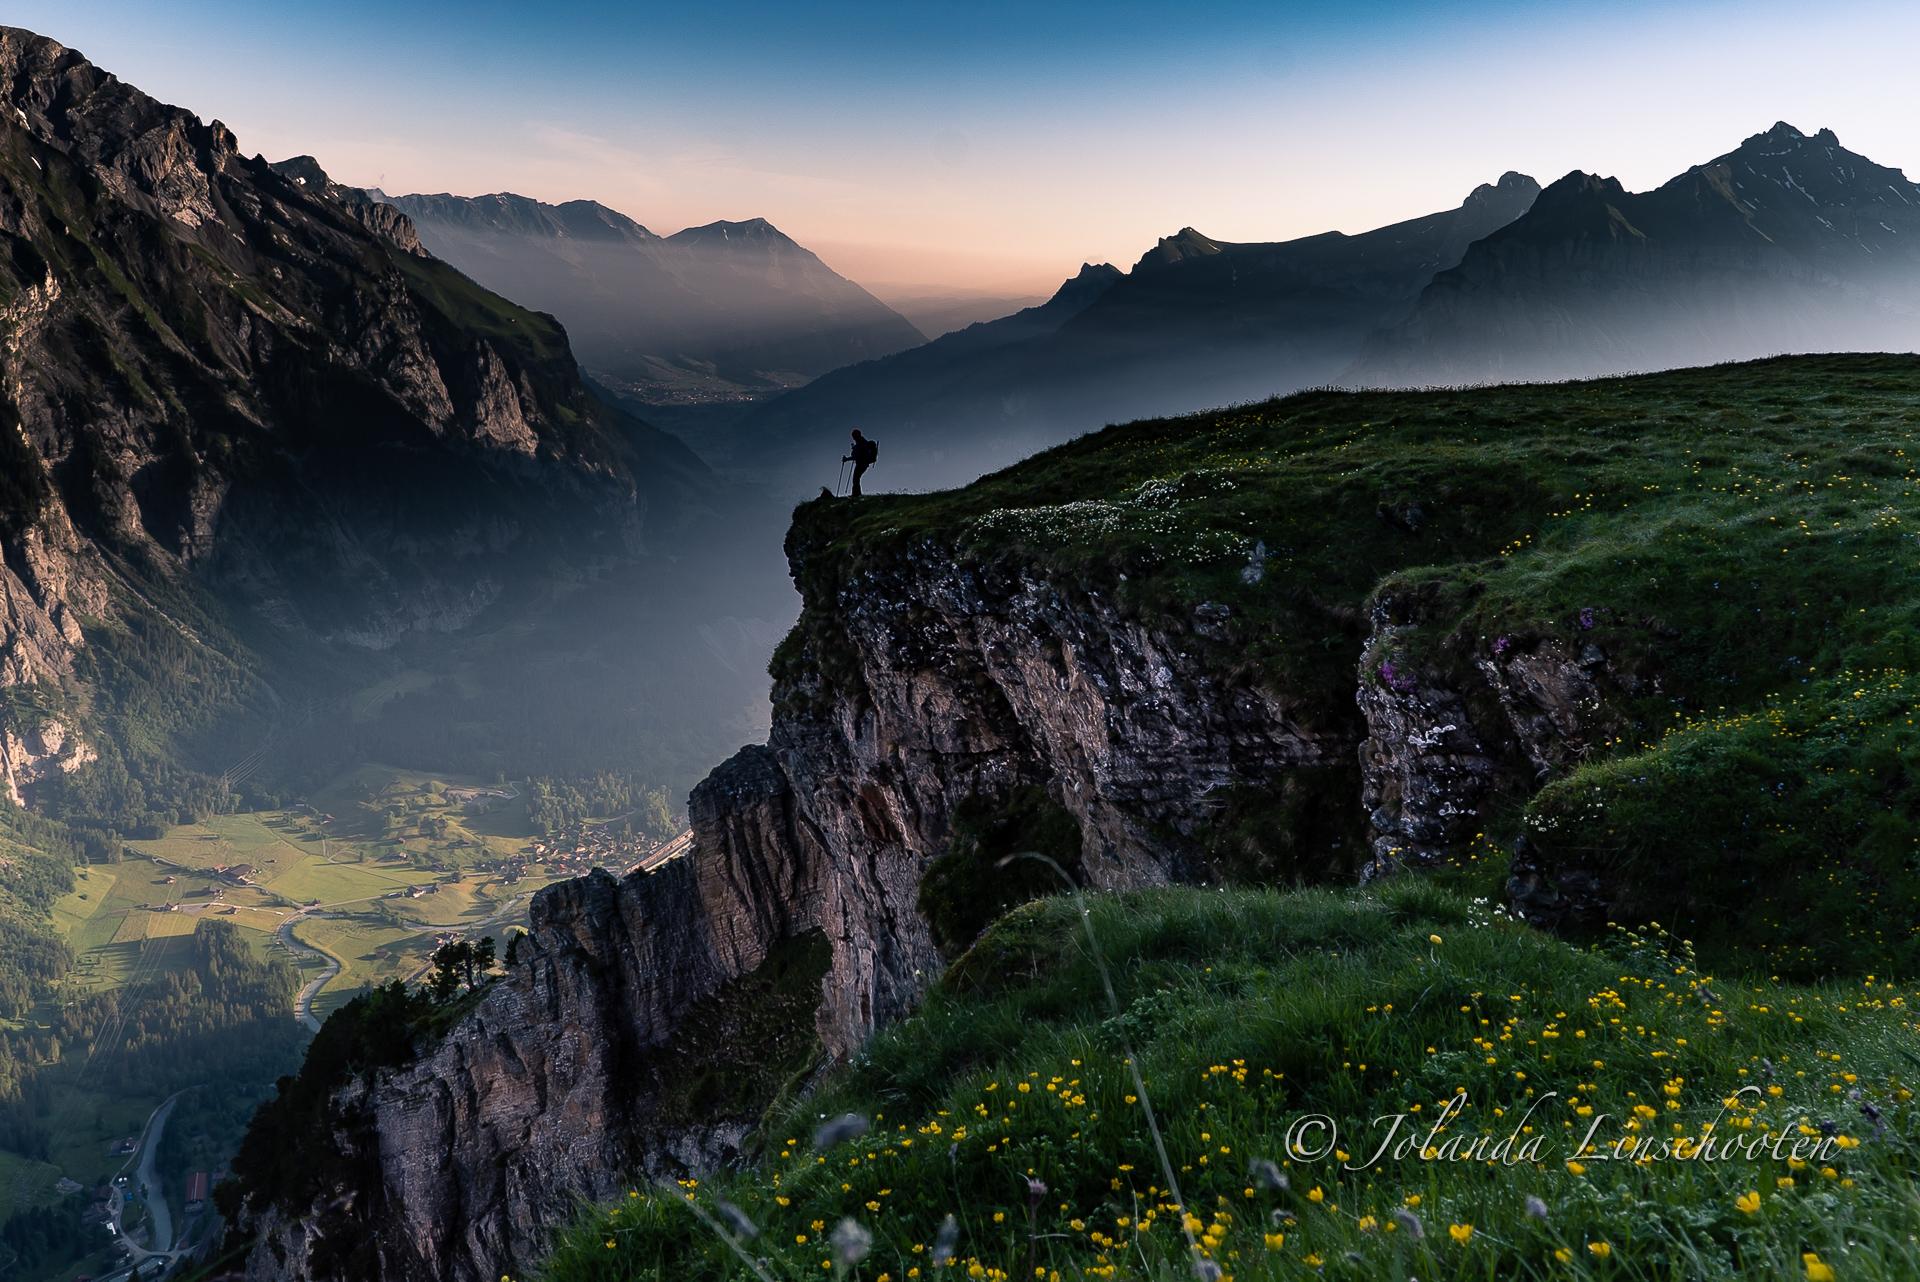 Haute Route Pyrénées – een trailrunning VISION quest